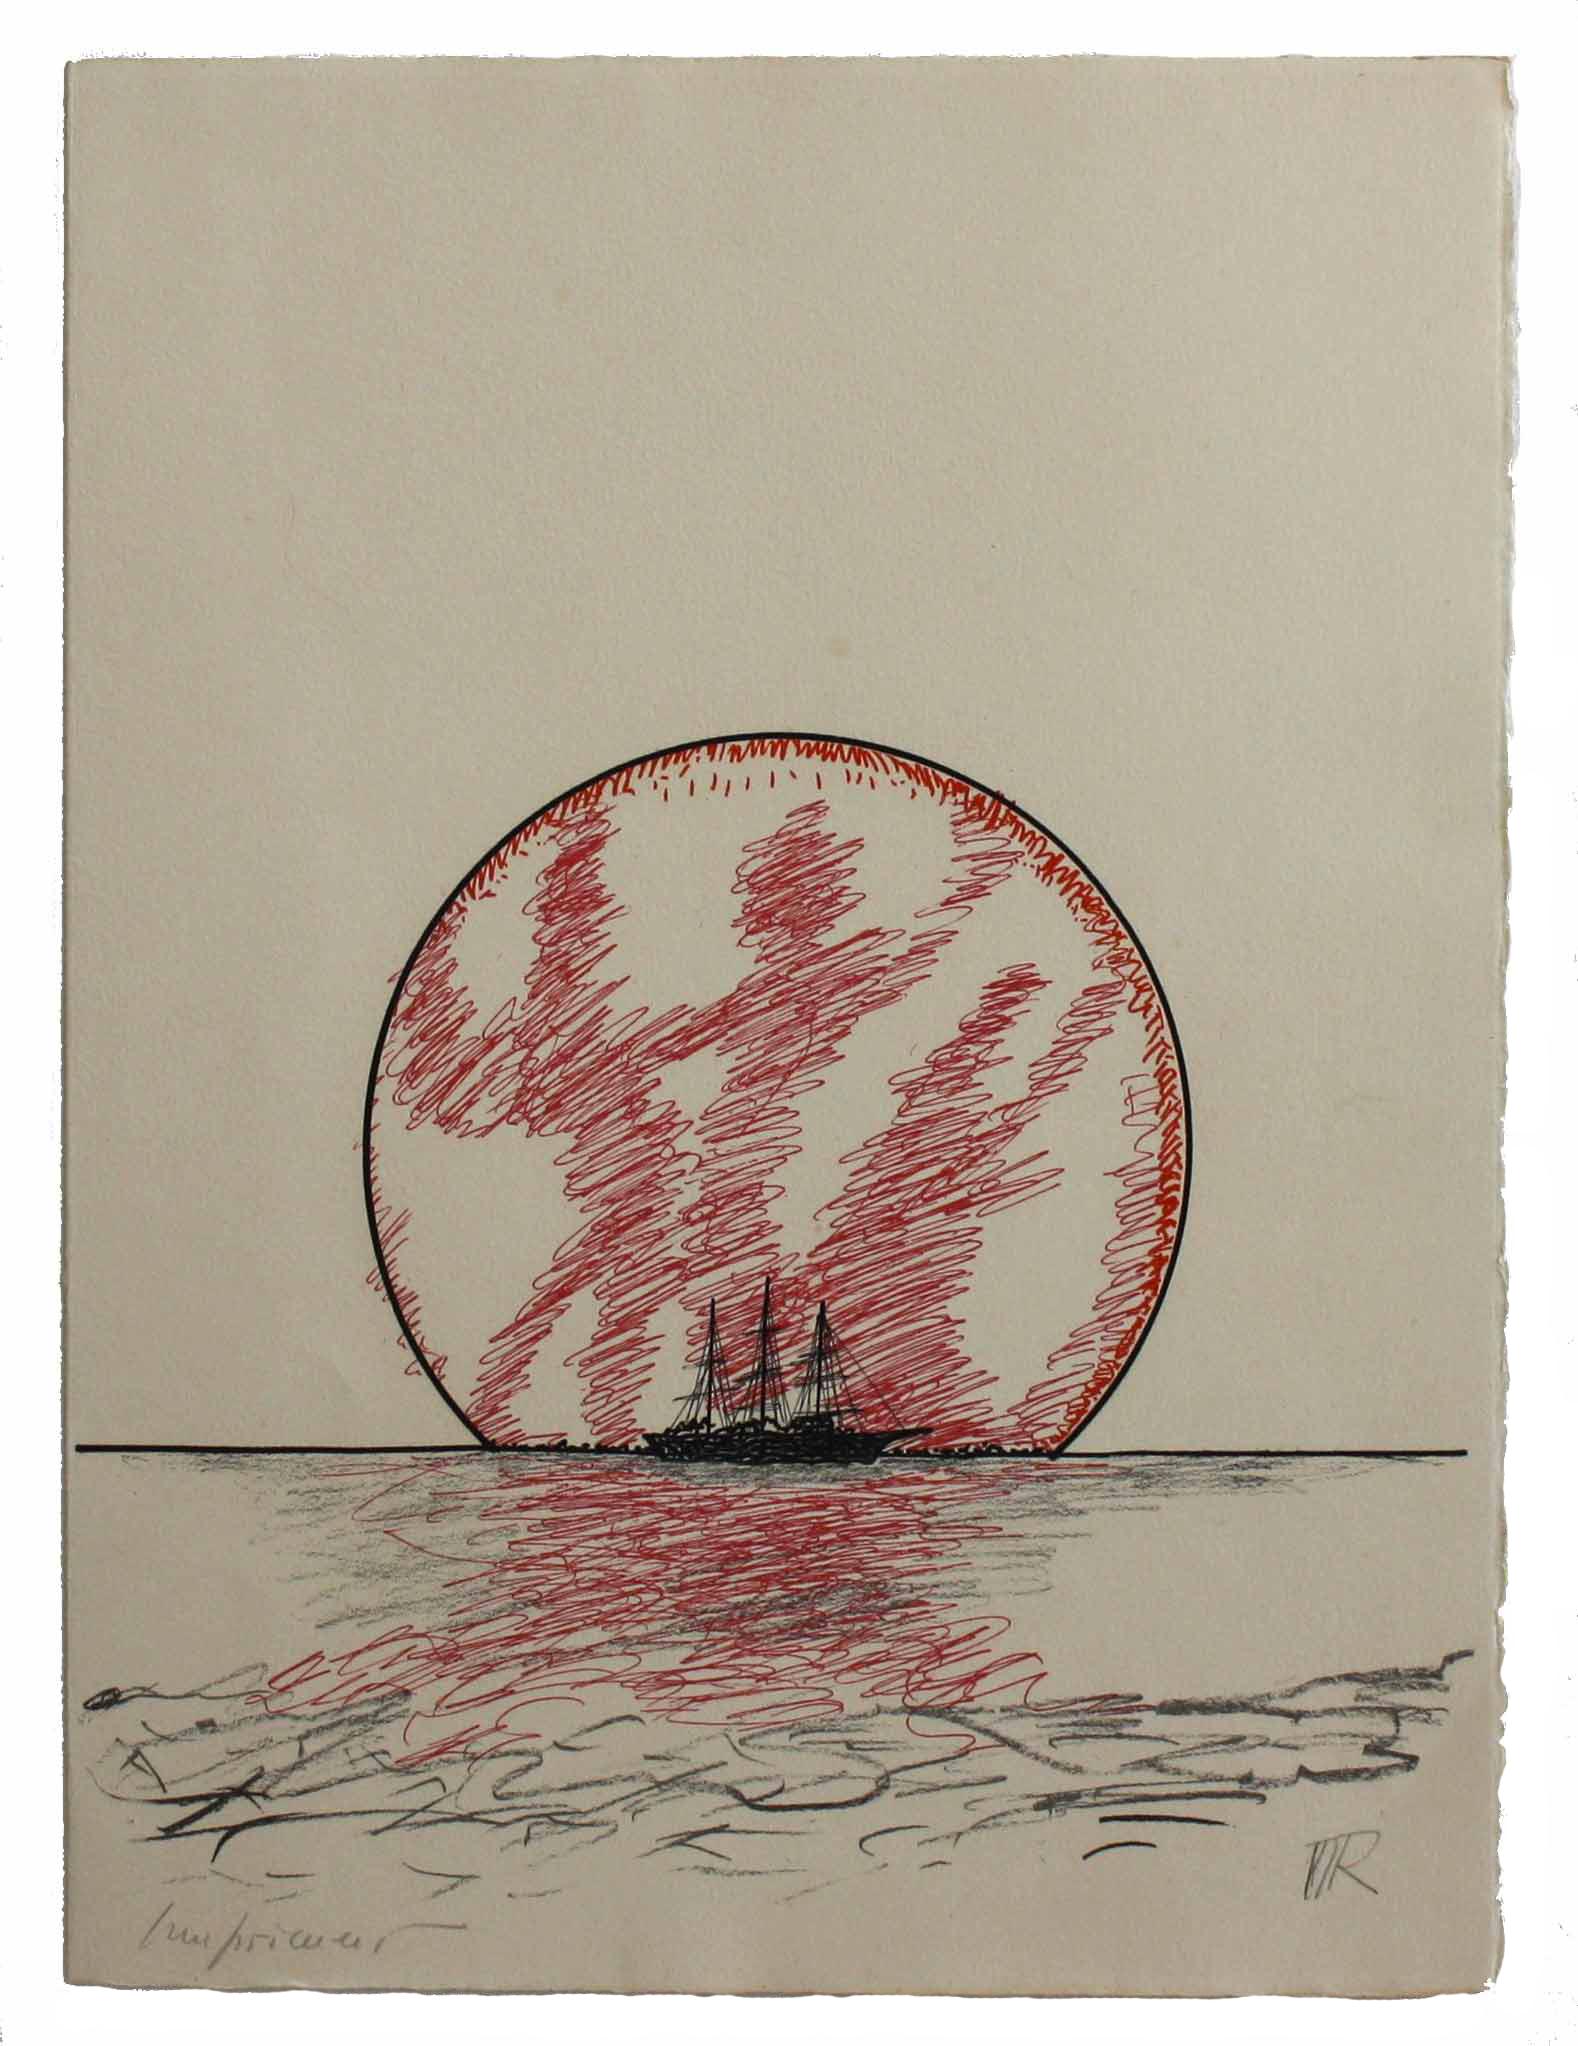 1976 | 38 x 29cm | Éditor Georges Visat